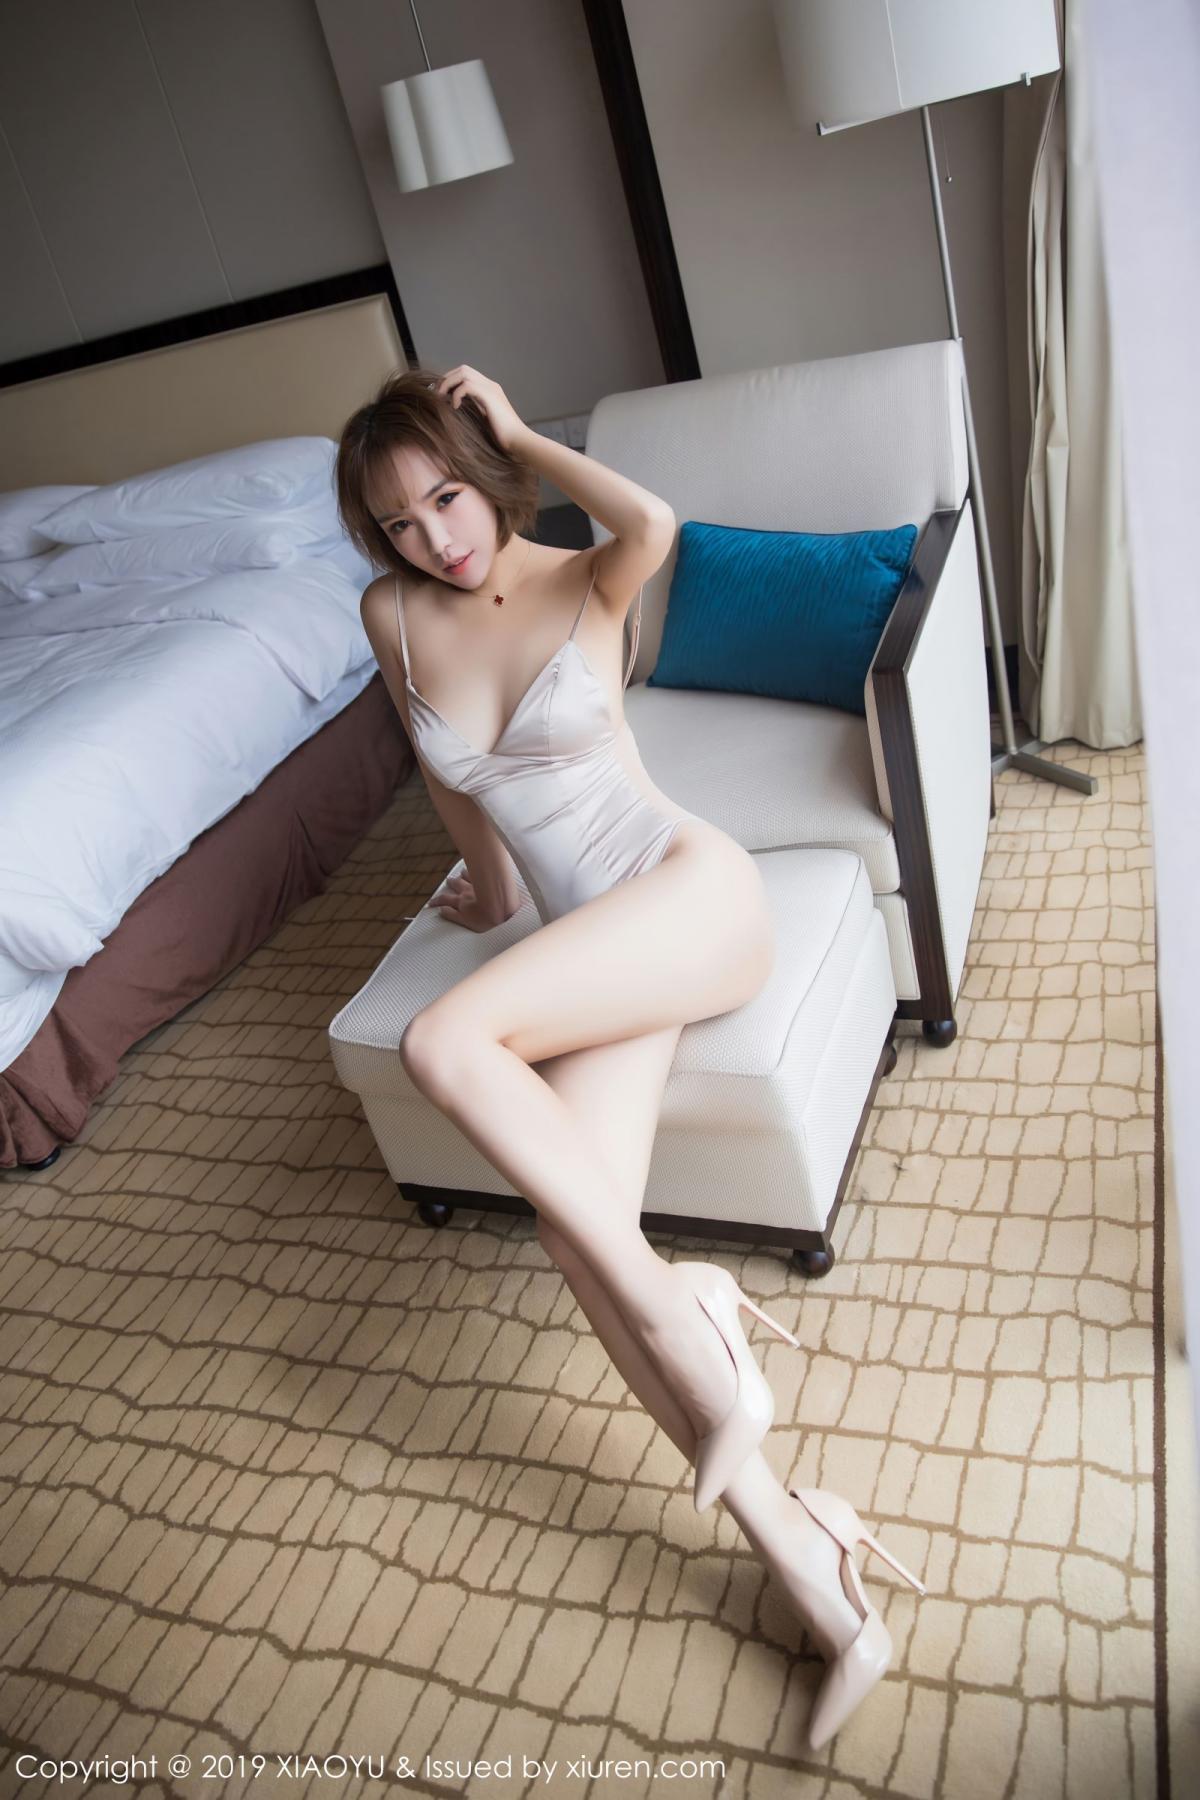 [XiaoYu] Vol.015 Chen Ya Wen 14P, Chen Ya Wen, Sexy, XiaoYu